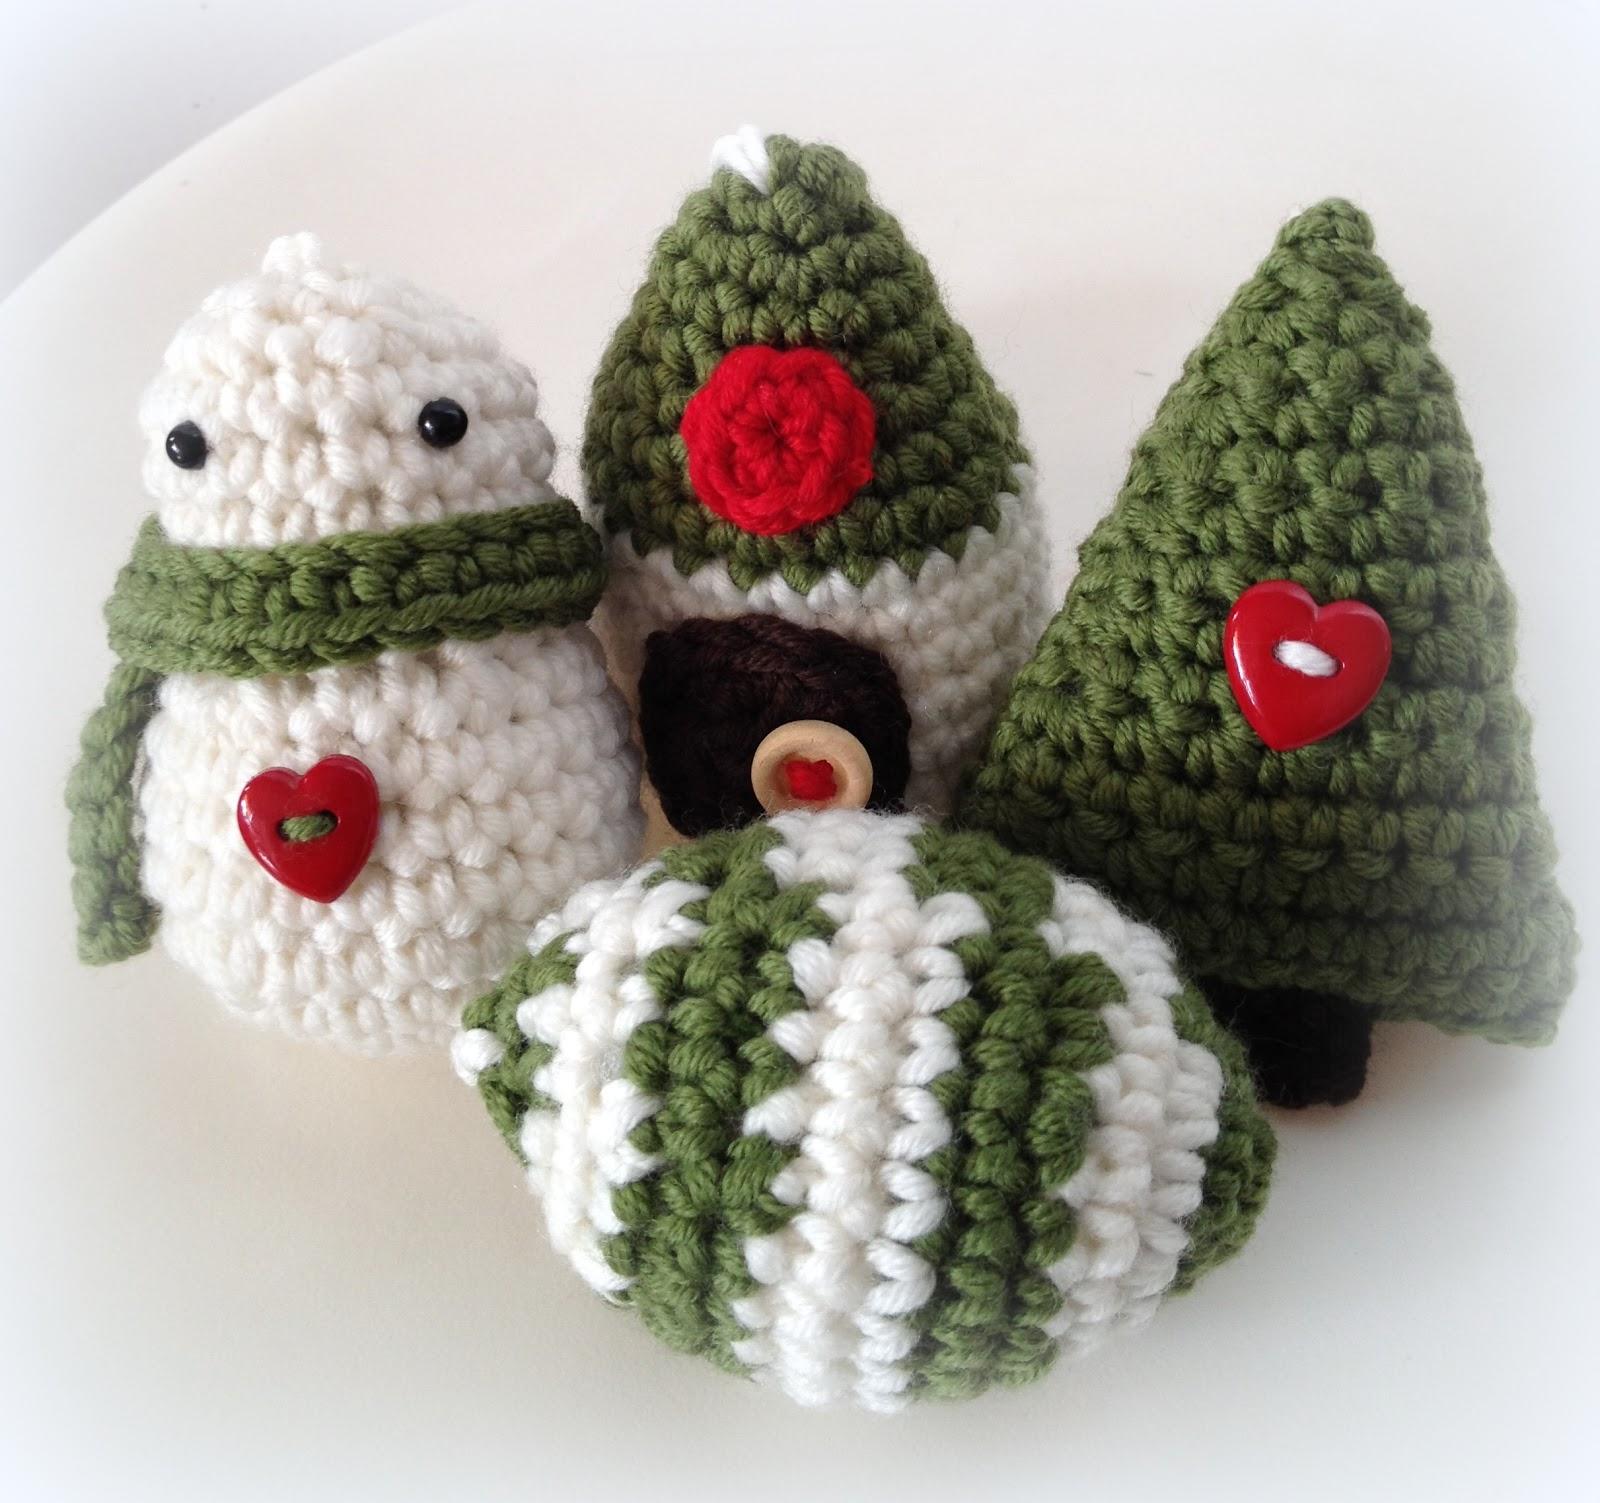 Amigurumis Navidad Crochet : Lady crochet amigurumis de navidad xmas